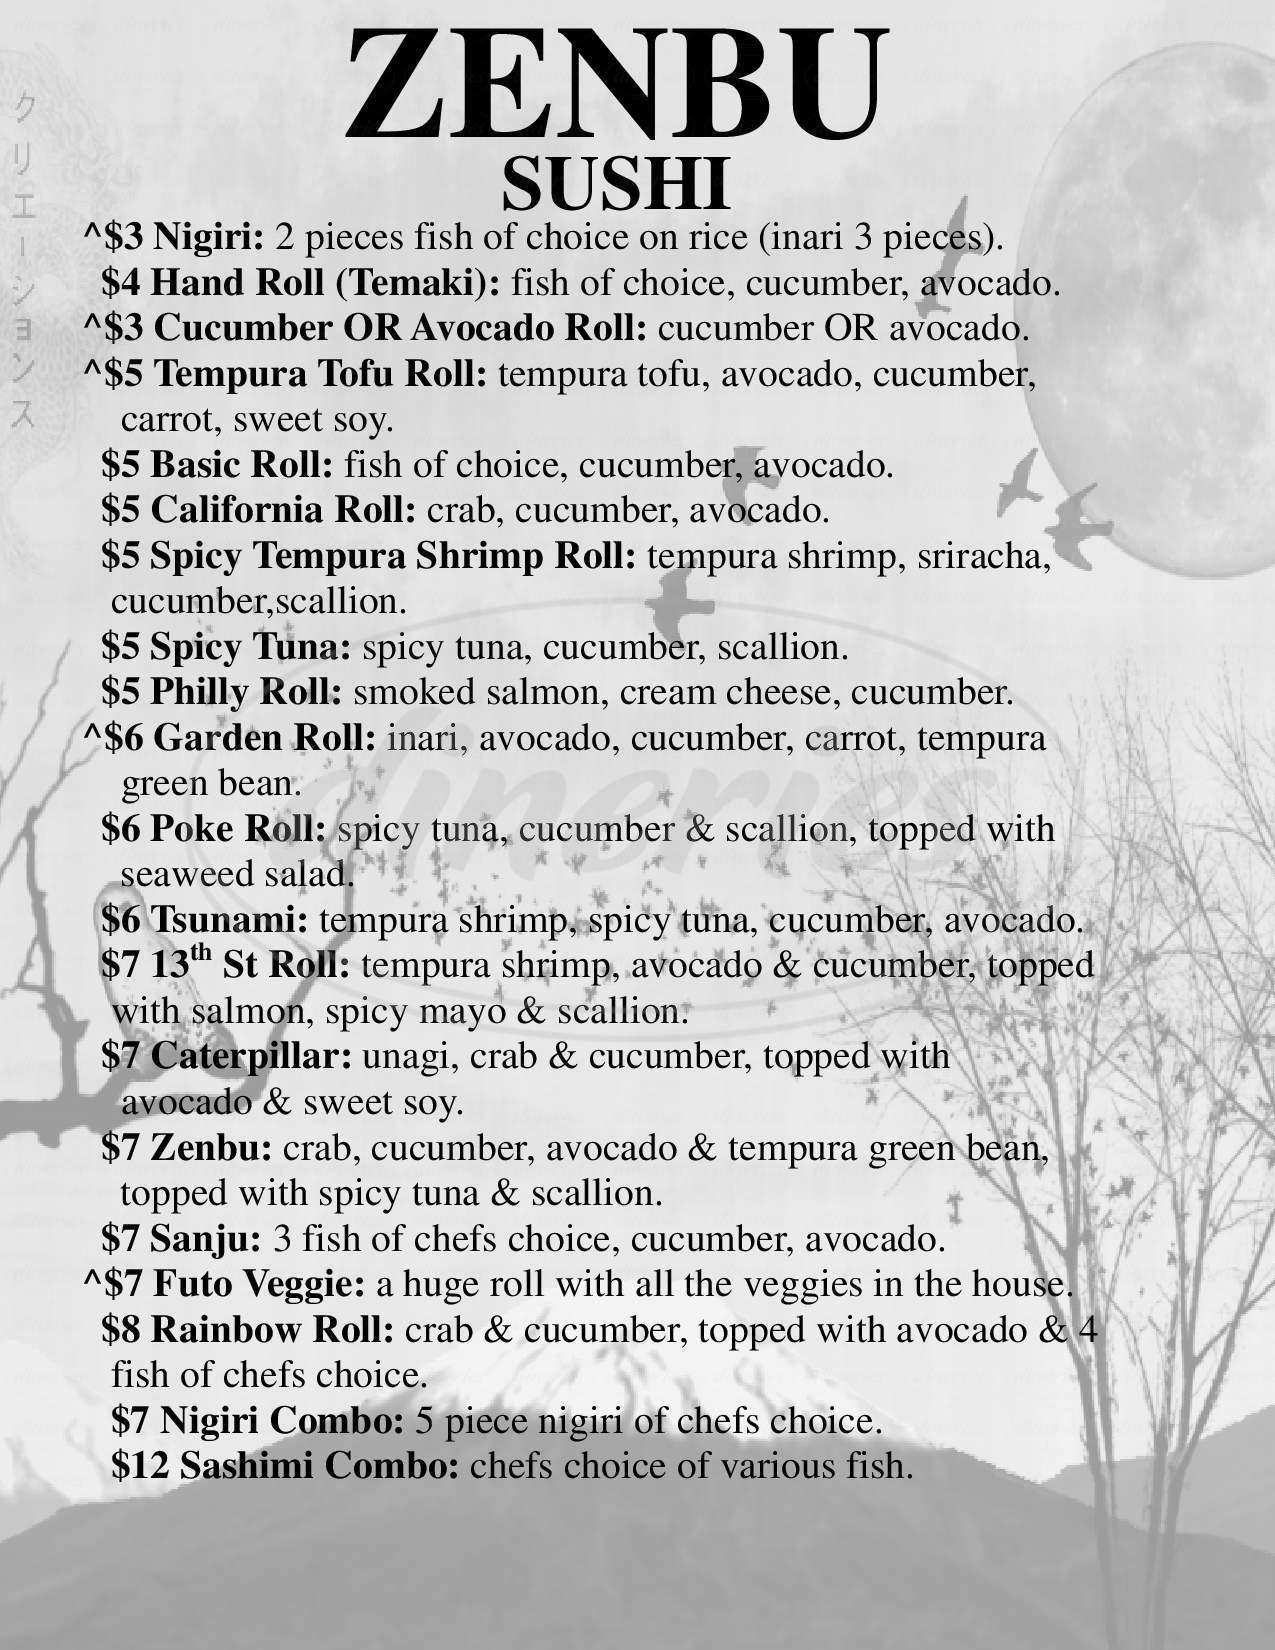 menu for Zenbu